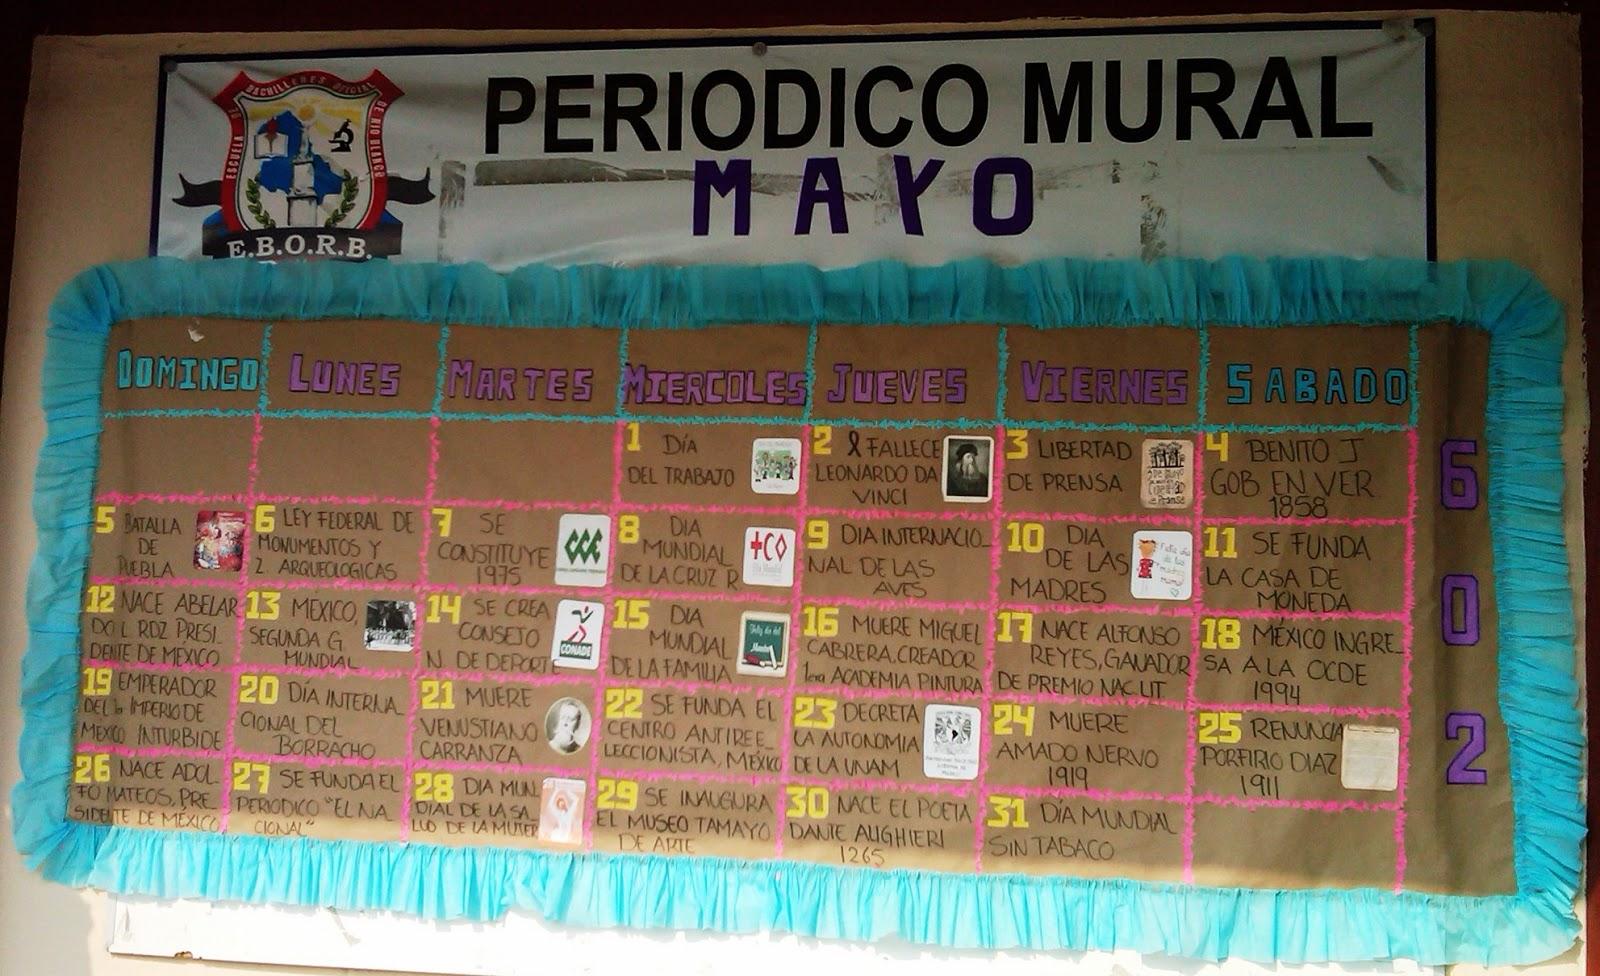 Peri dico mural mayo mes de las madres 23 imagenes for Amenidades para periodico mural